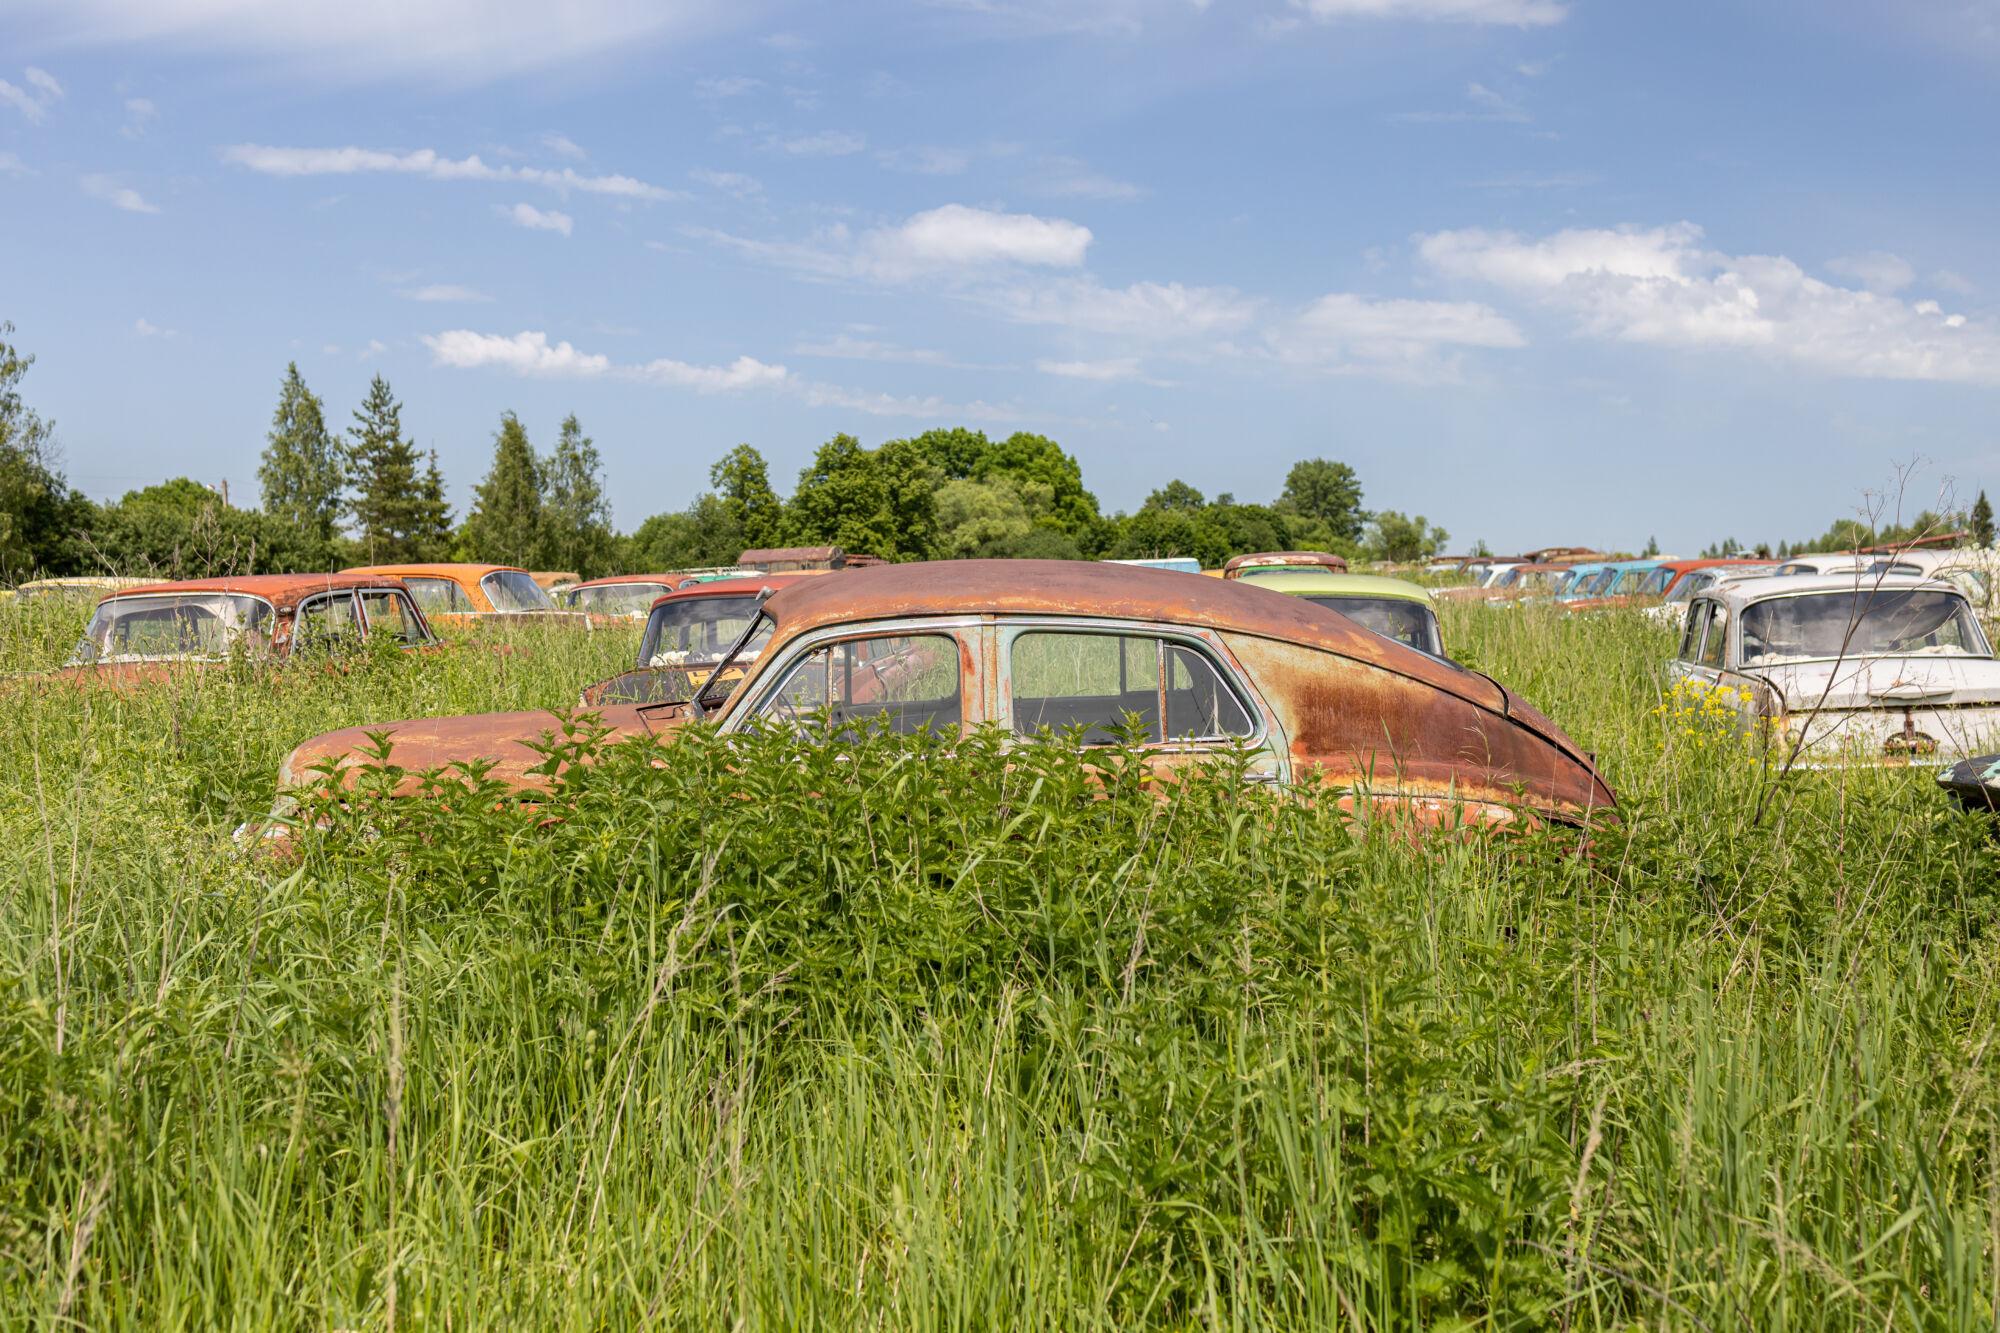 Автопогост или музей АВТО-СССР в Тульской области © ДРУГИЕ МЕСТА